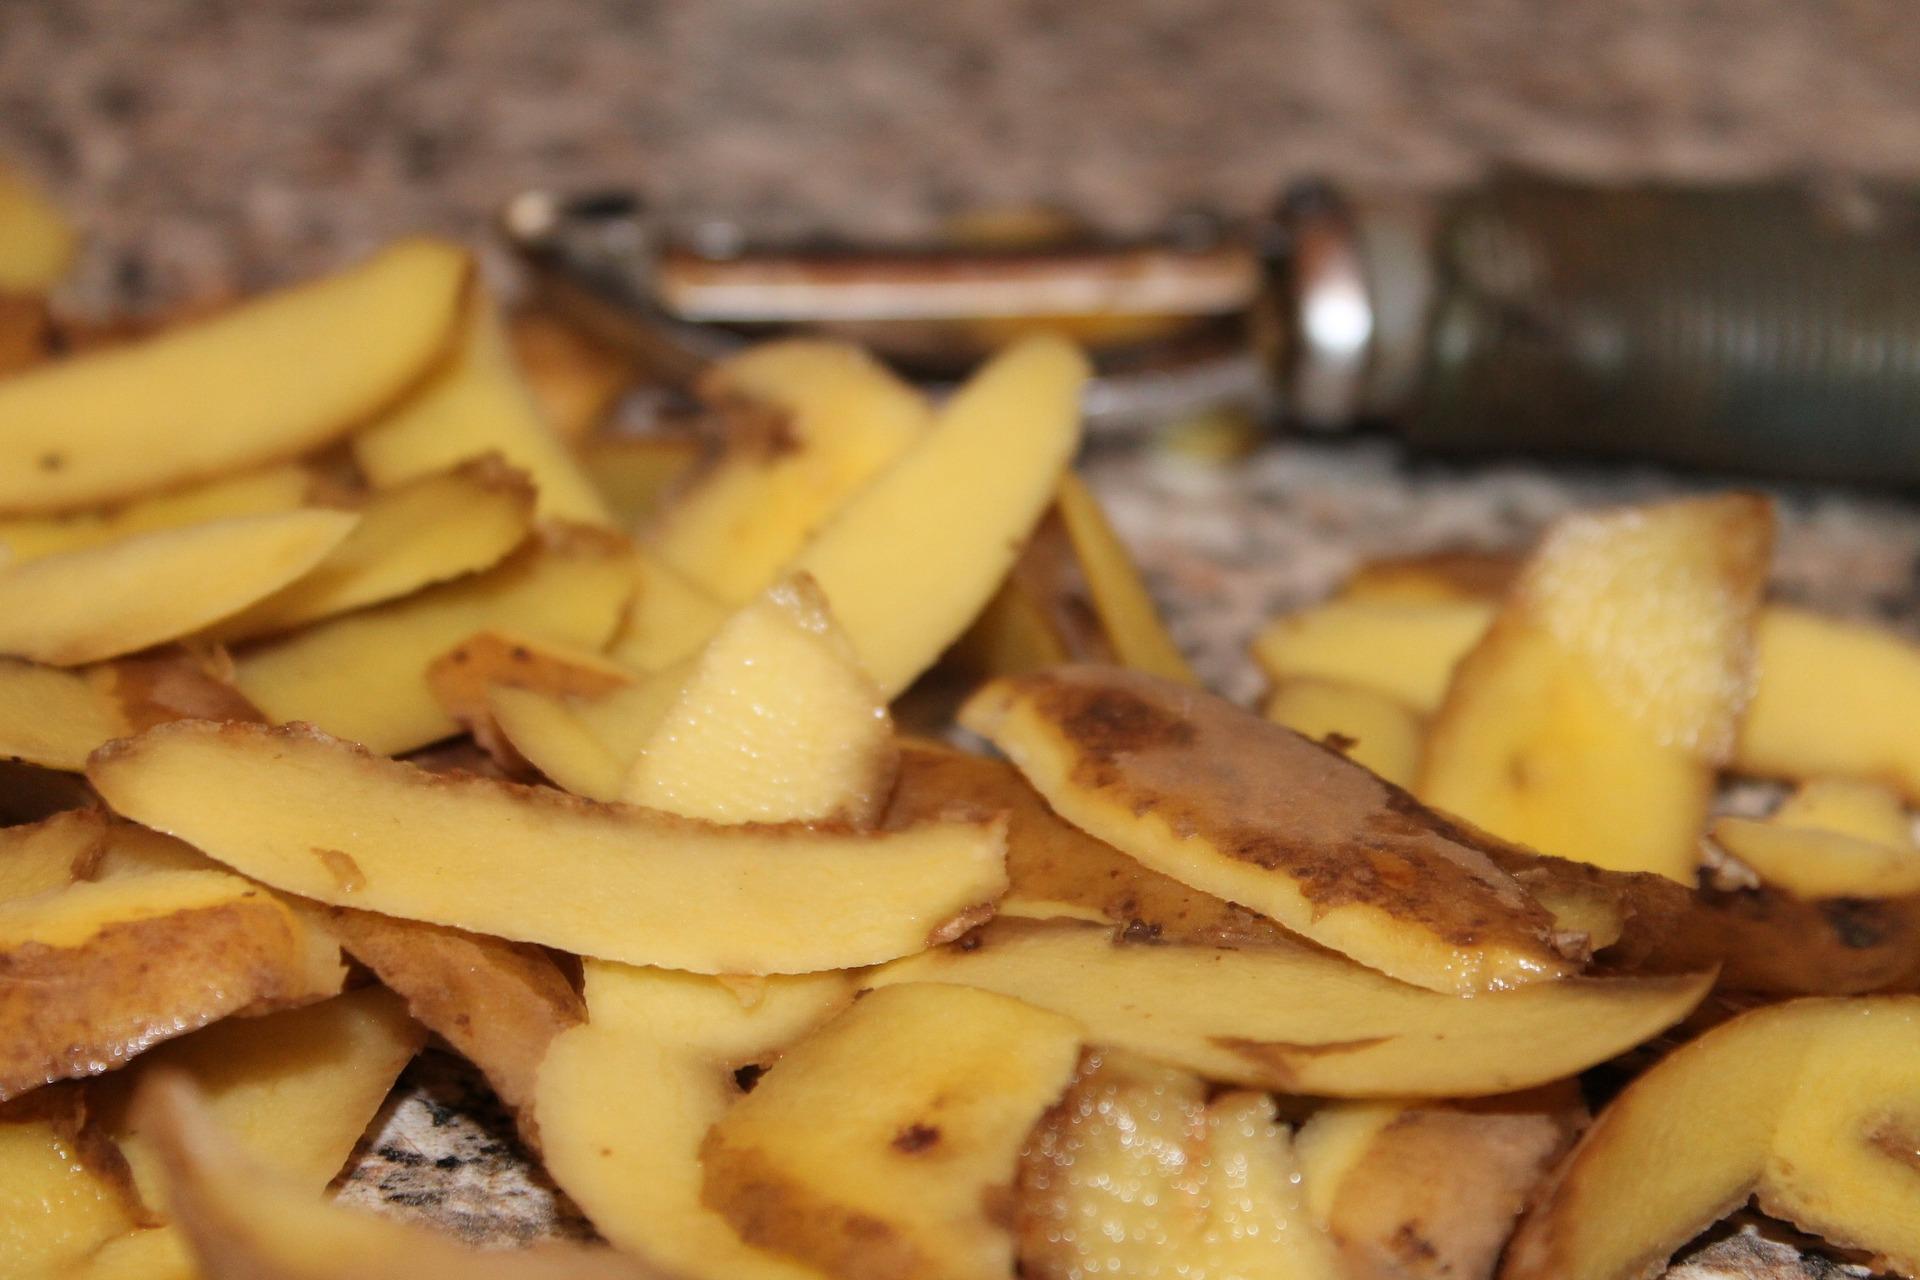 Pells de patata preparades per fregir | Pixabay